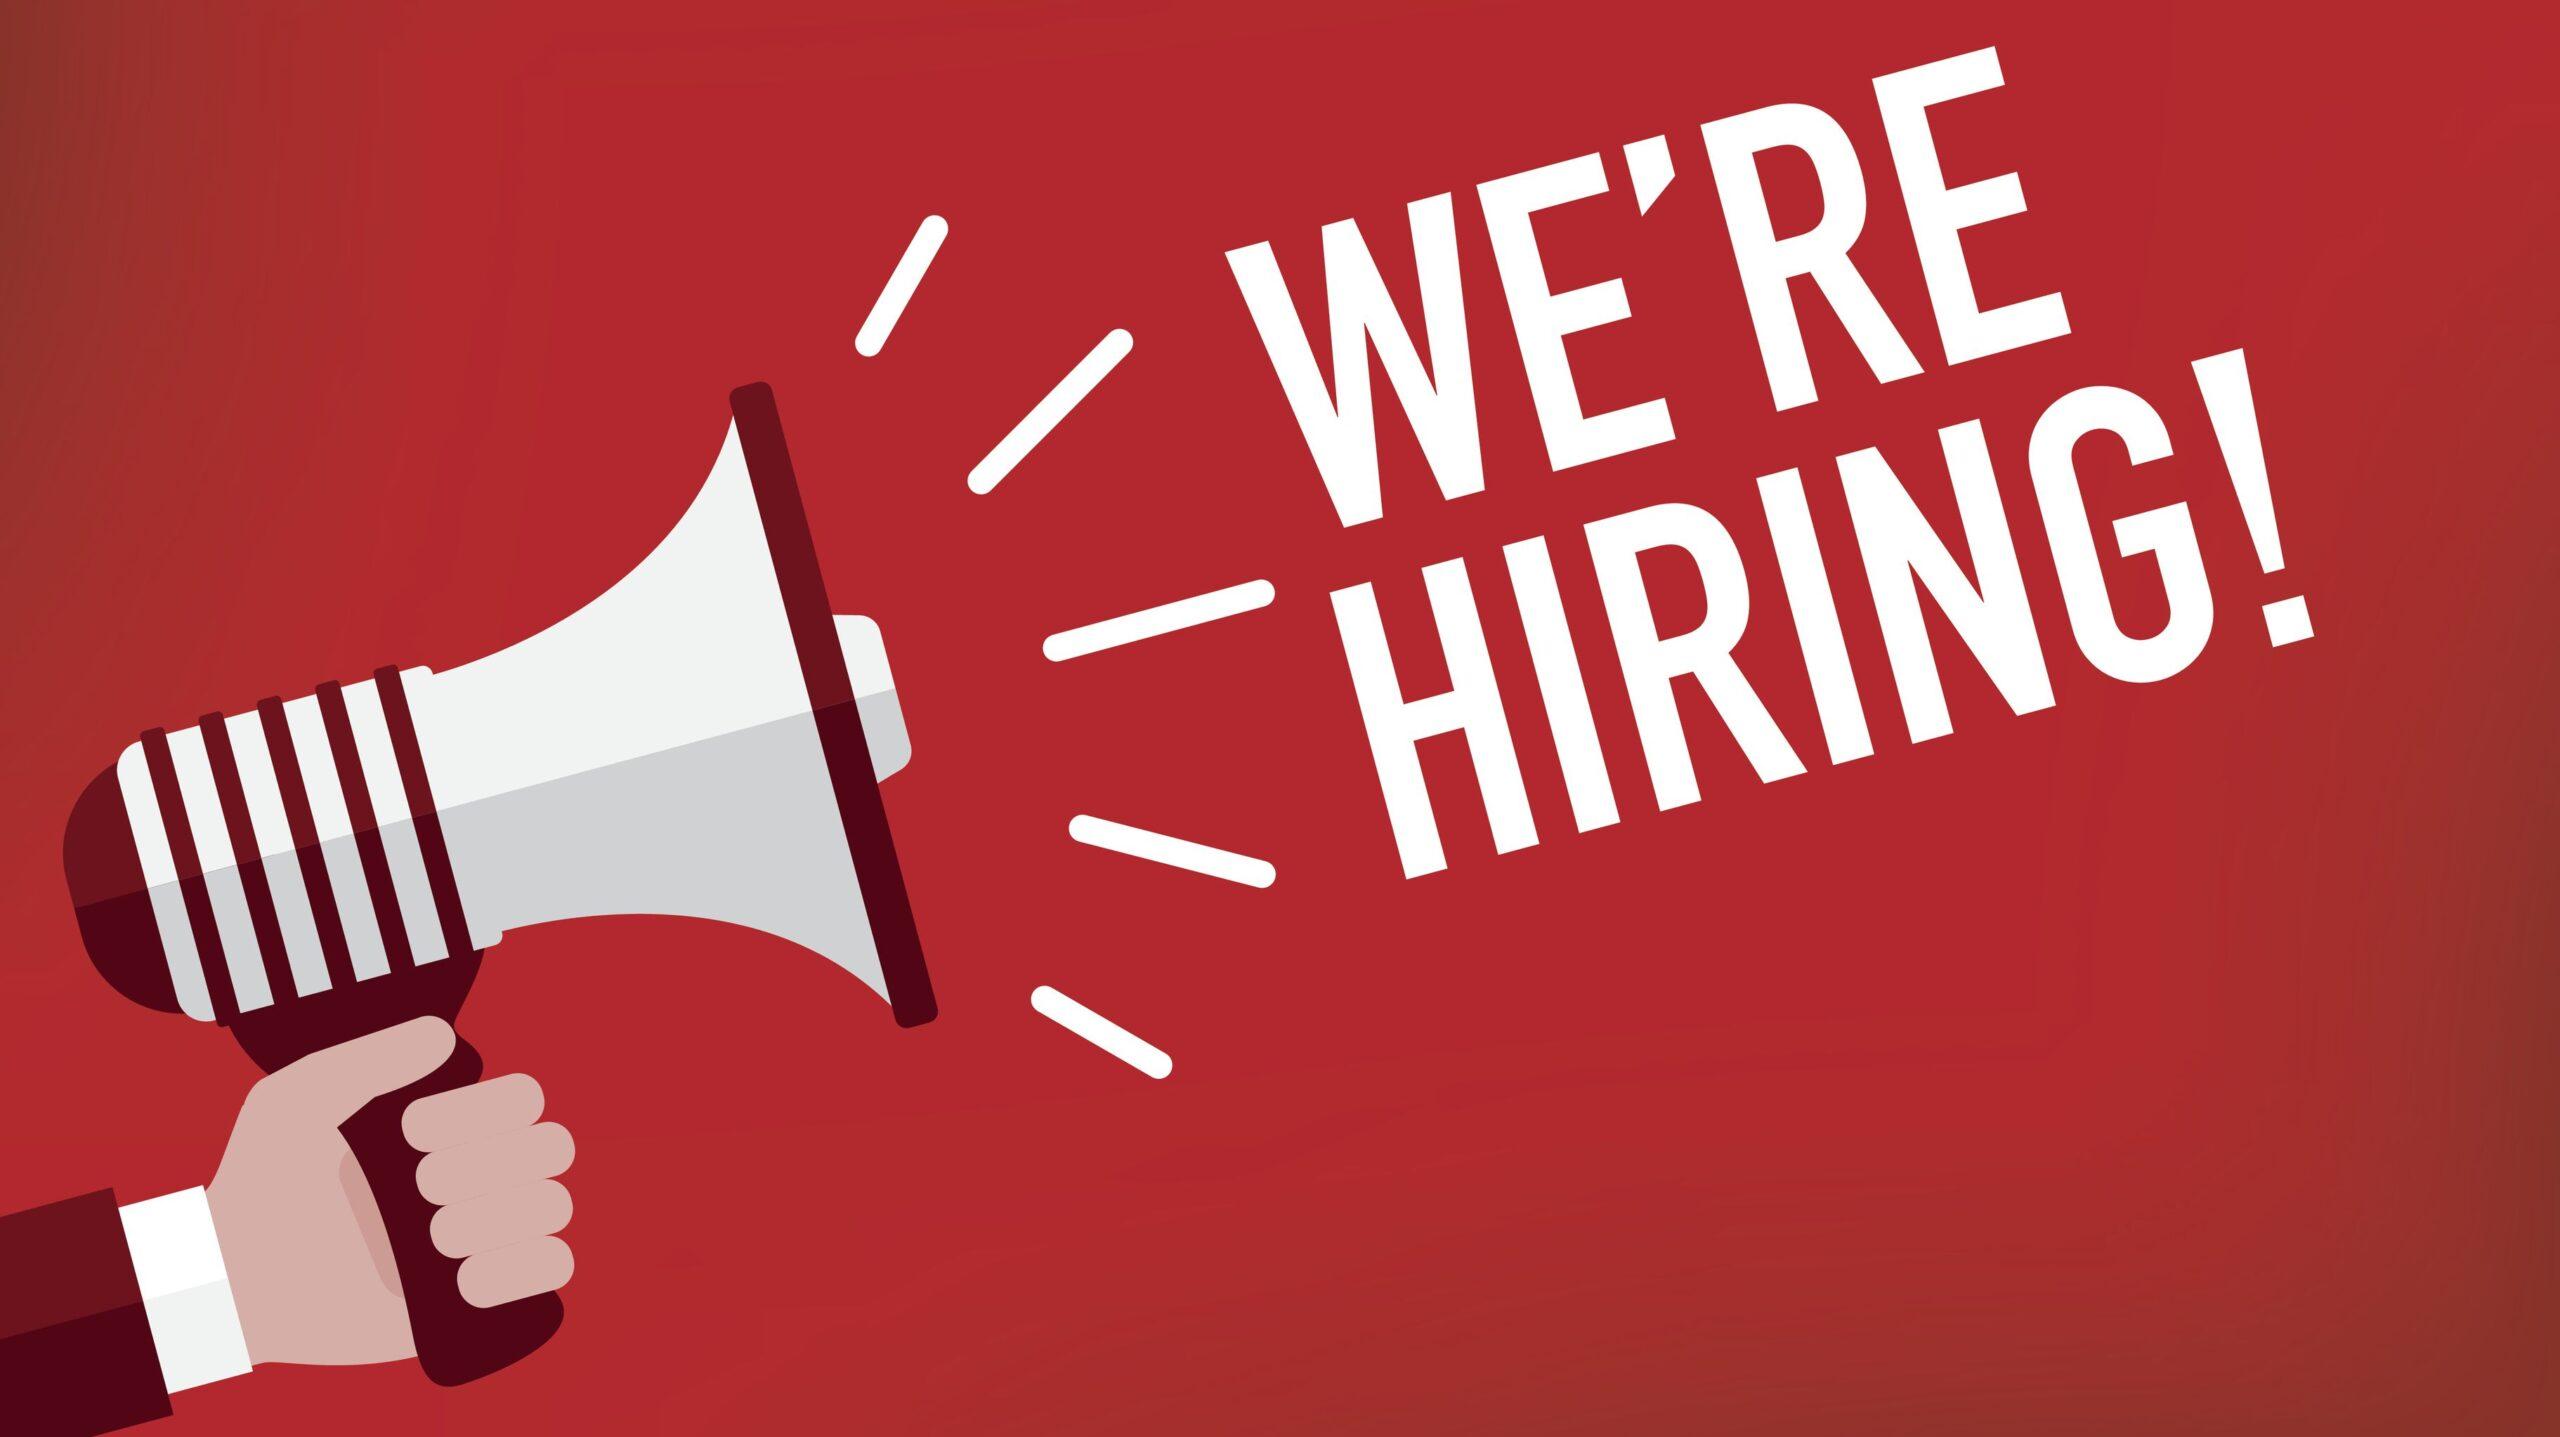 JOB POST: Clerk and Legal Associates at Conducive Legal, Delhi [3 Vacancies]: Apply Now!